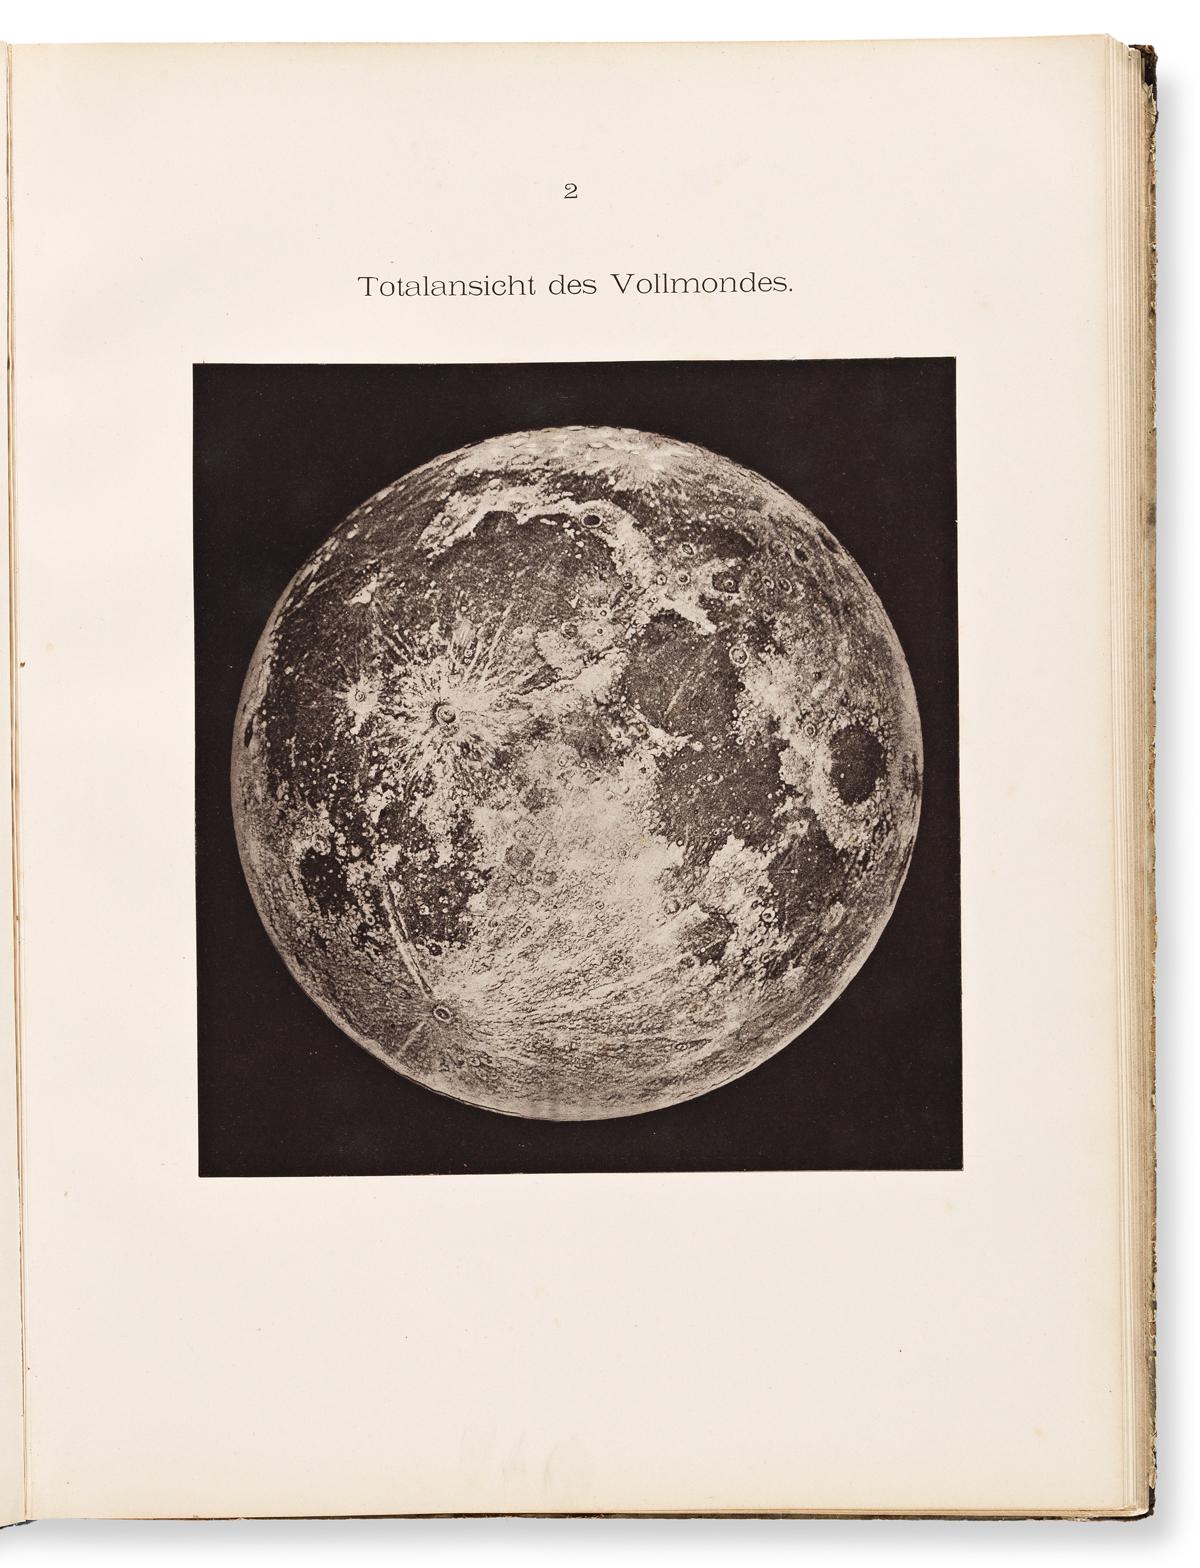 Valentiner, Carl Wilhelm (1845-1931) Atlas des Sonnensystems, 25 Abbildungen in Lichtdruck.